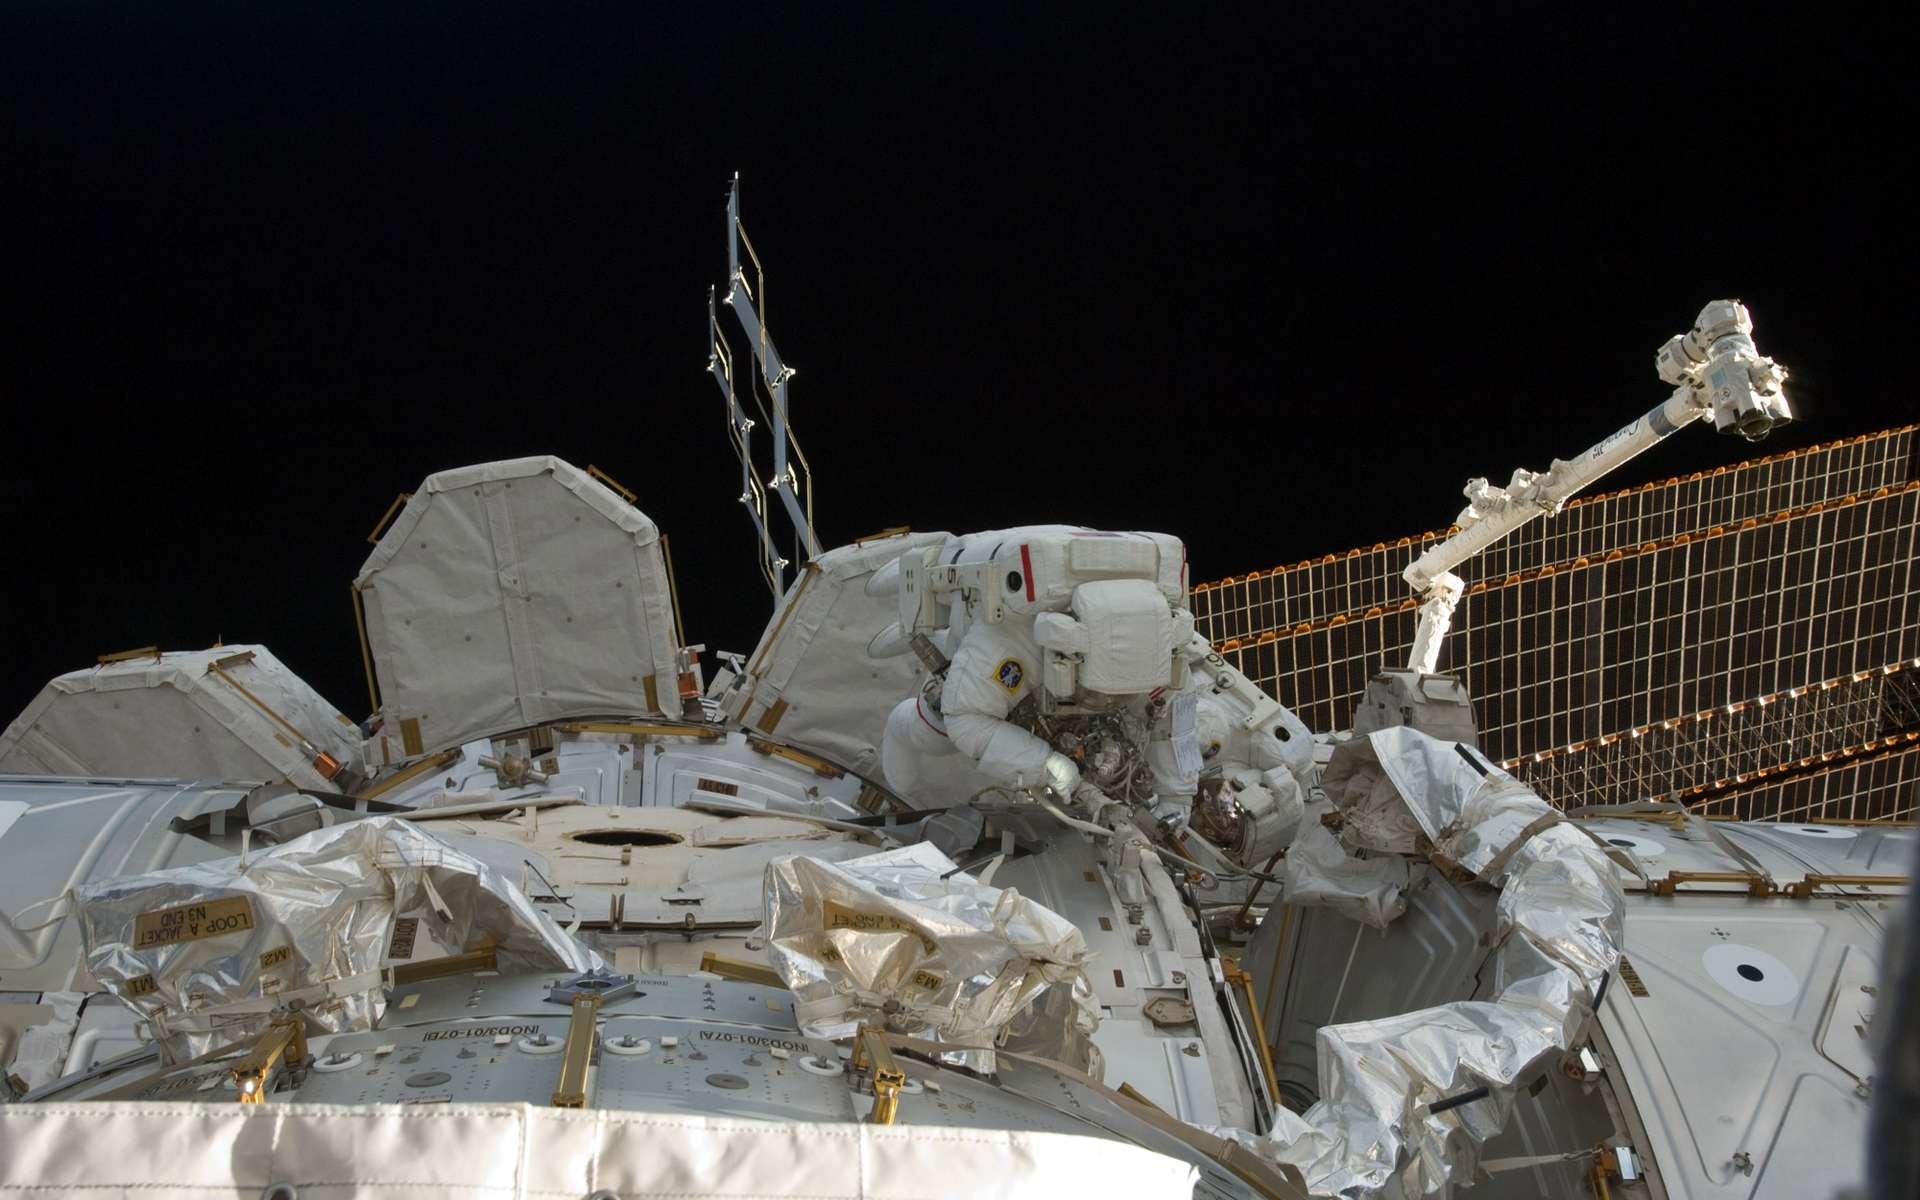 La première des deux sorties extravéhiculaires de la mission de Discovery (STS-133) s'est bien déroulée malgré un problème technique sans conséquence pour les deux astronautes, les Américains Bowen et Drew. Amusez-vous à les identifier tous les deux sur cette photo ! © Nasa